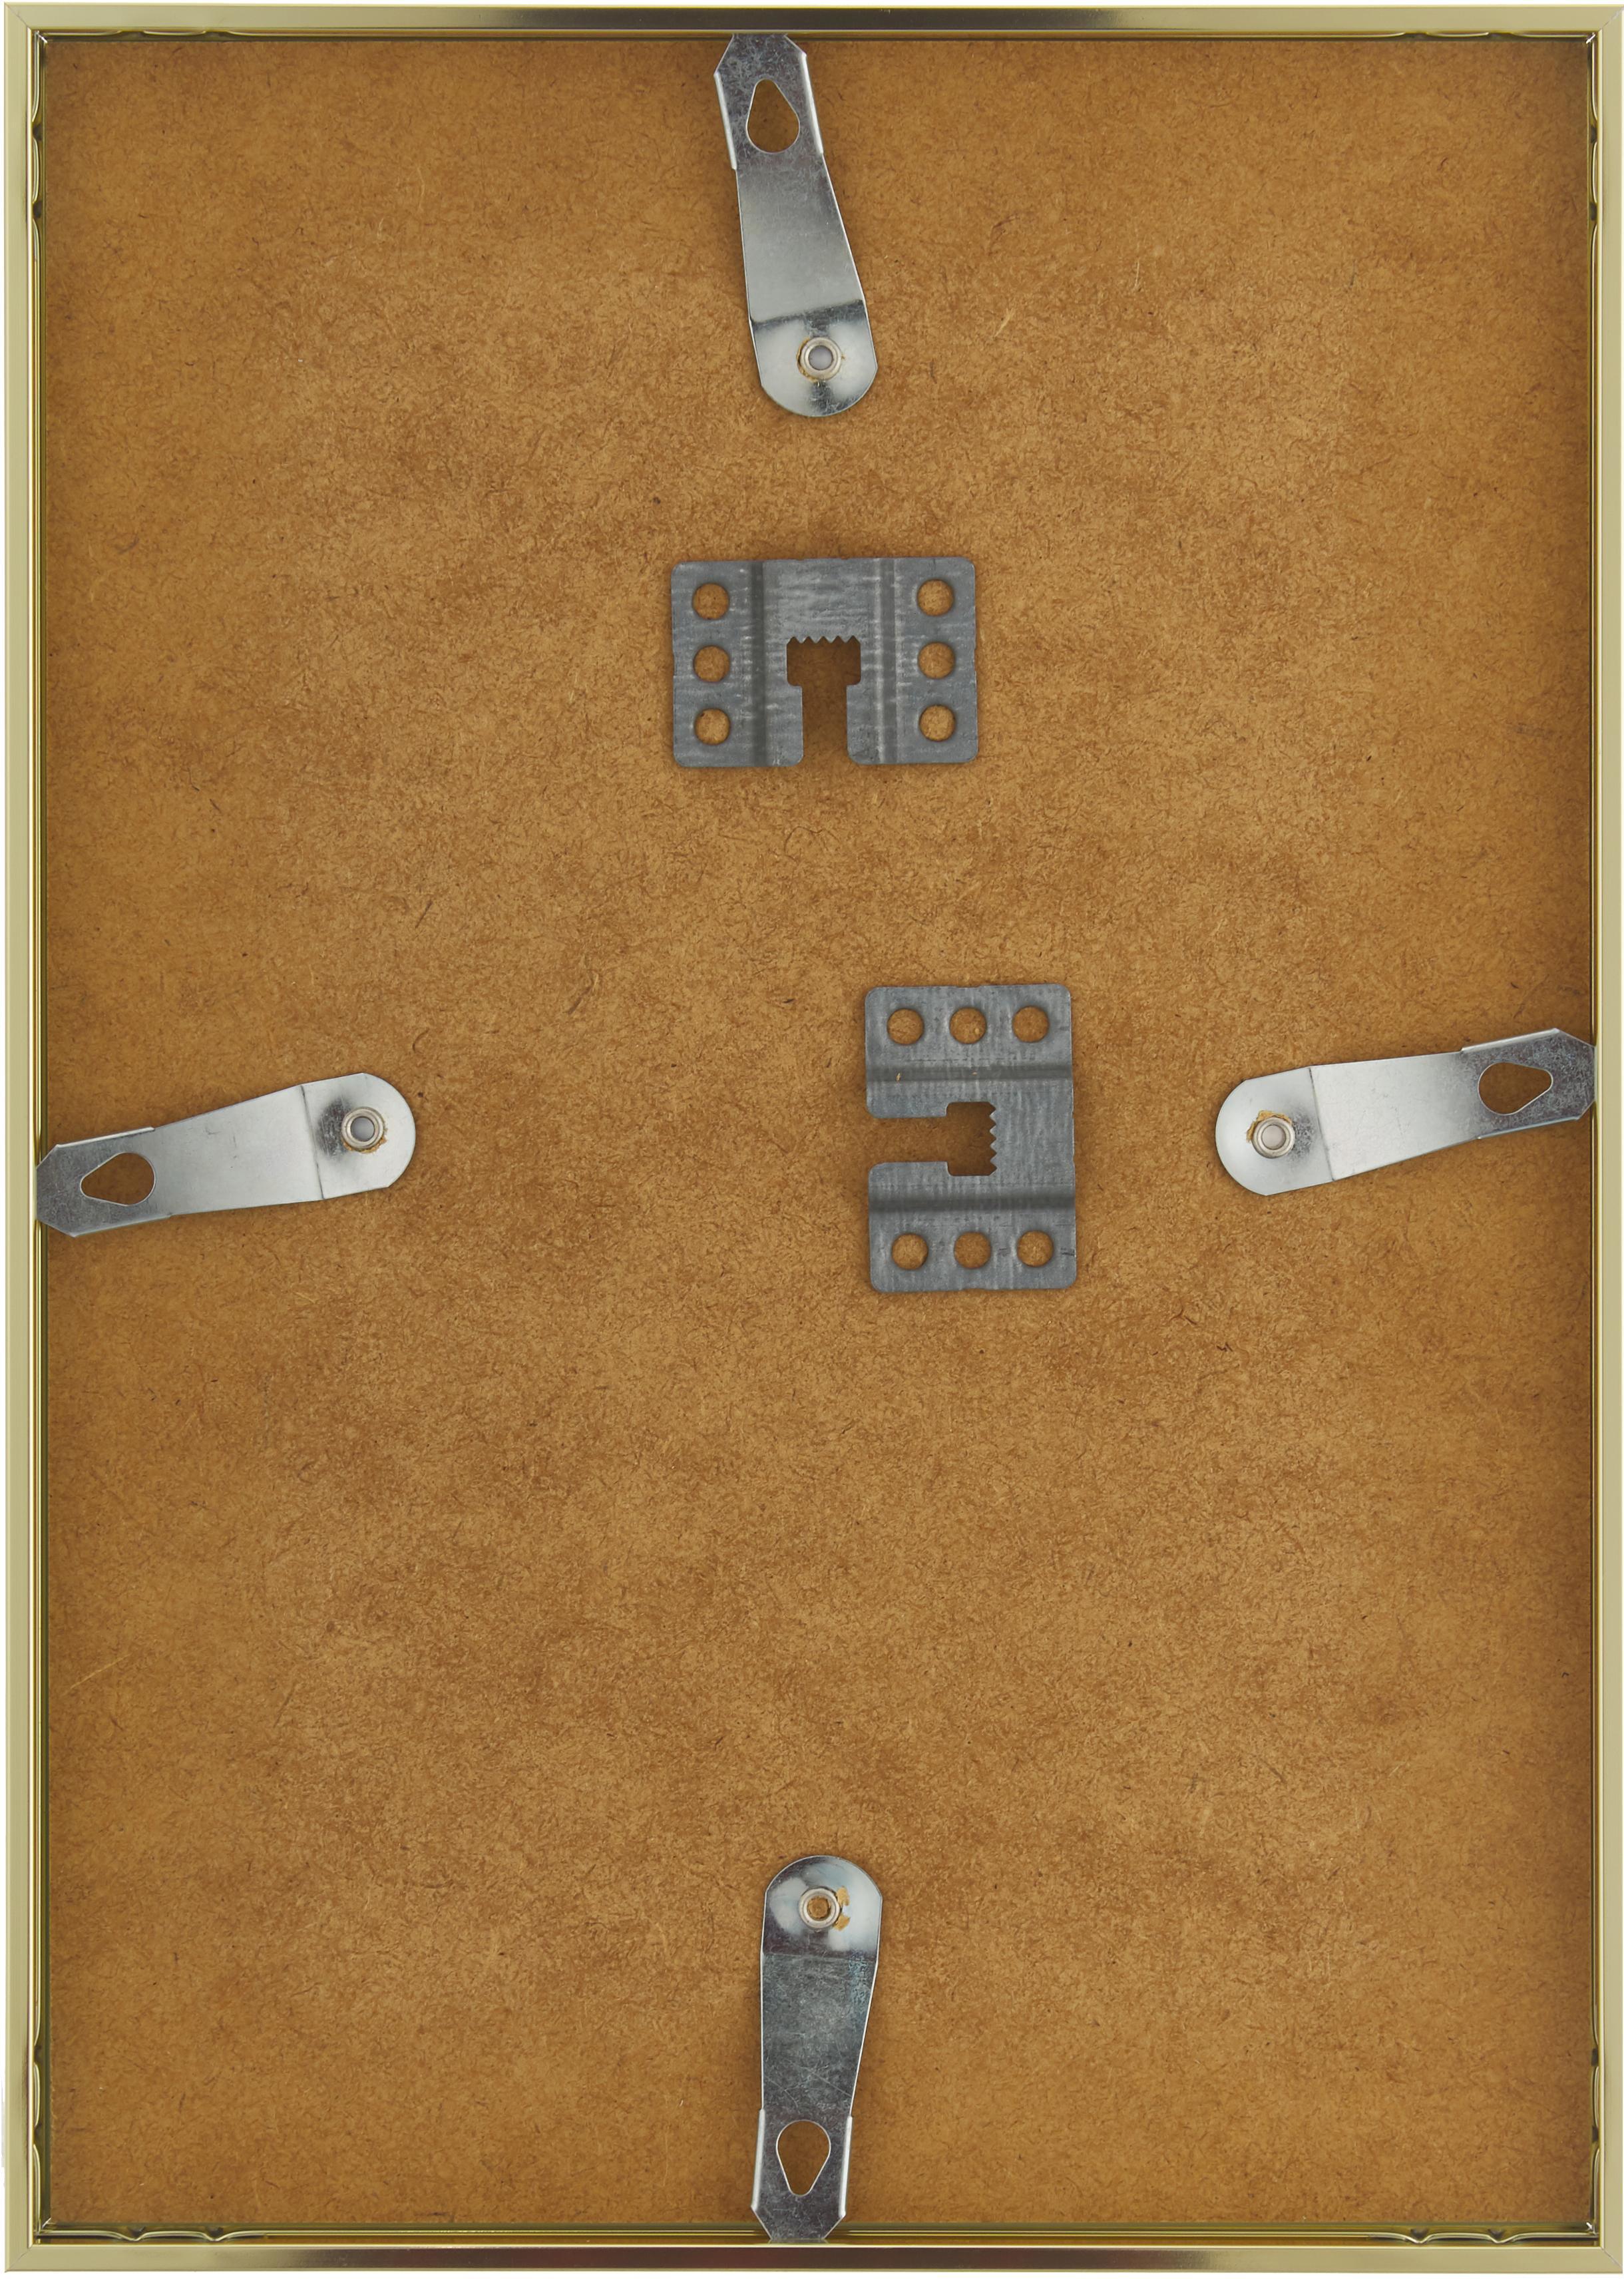 Ramka na zdjęcia Accent, Odcienie mosiądzu, 21 x 30 cm